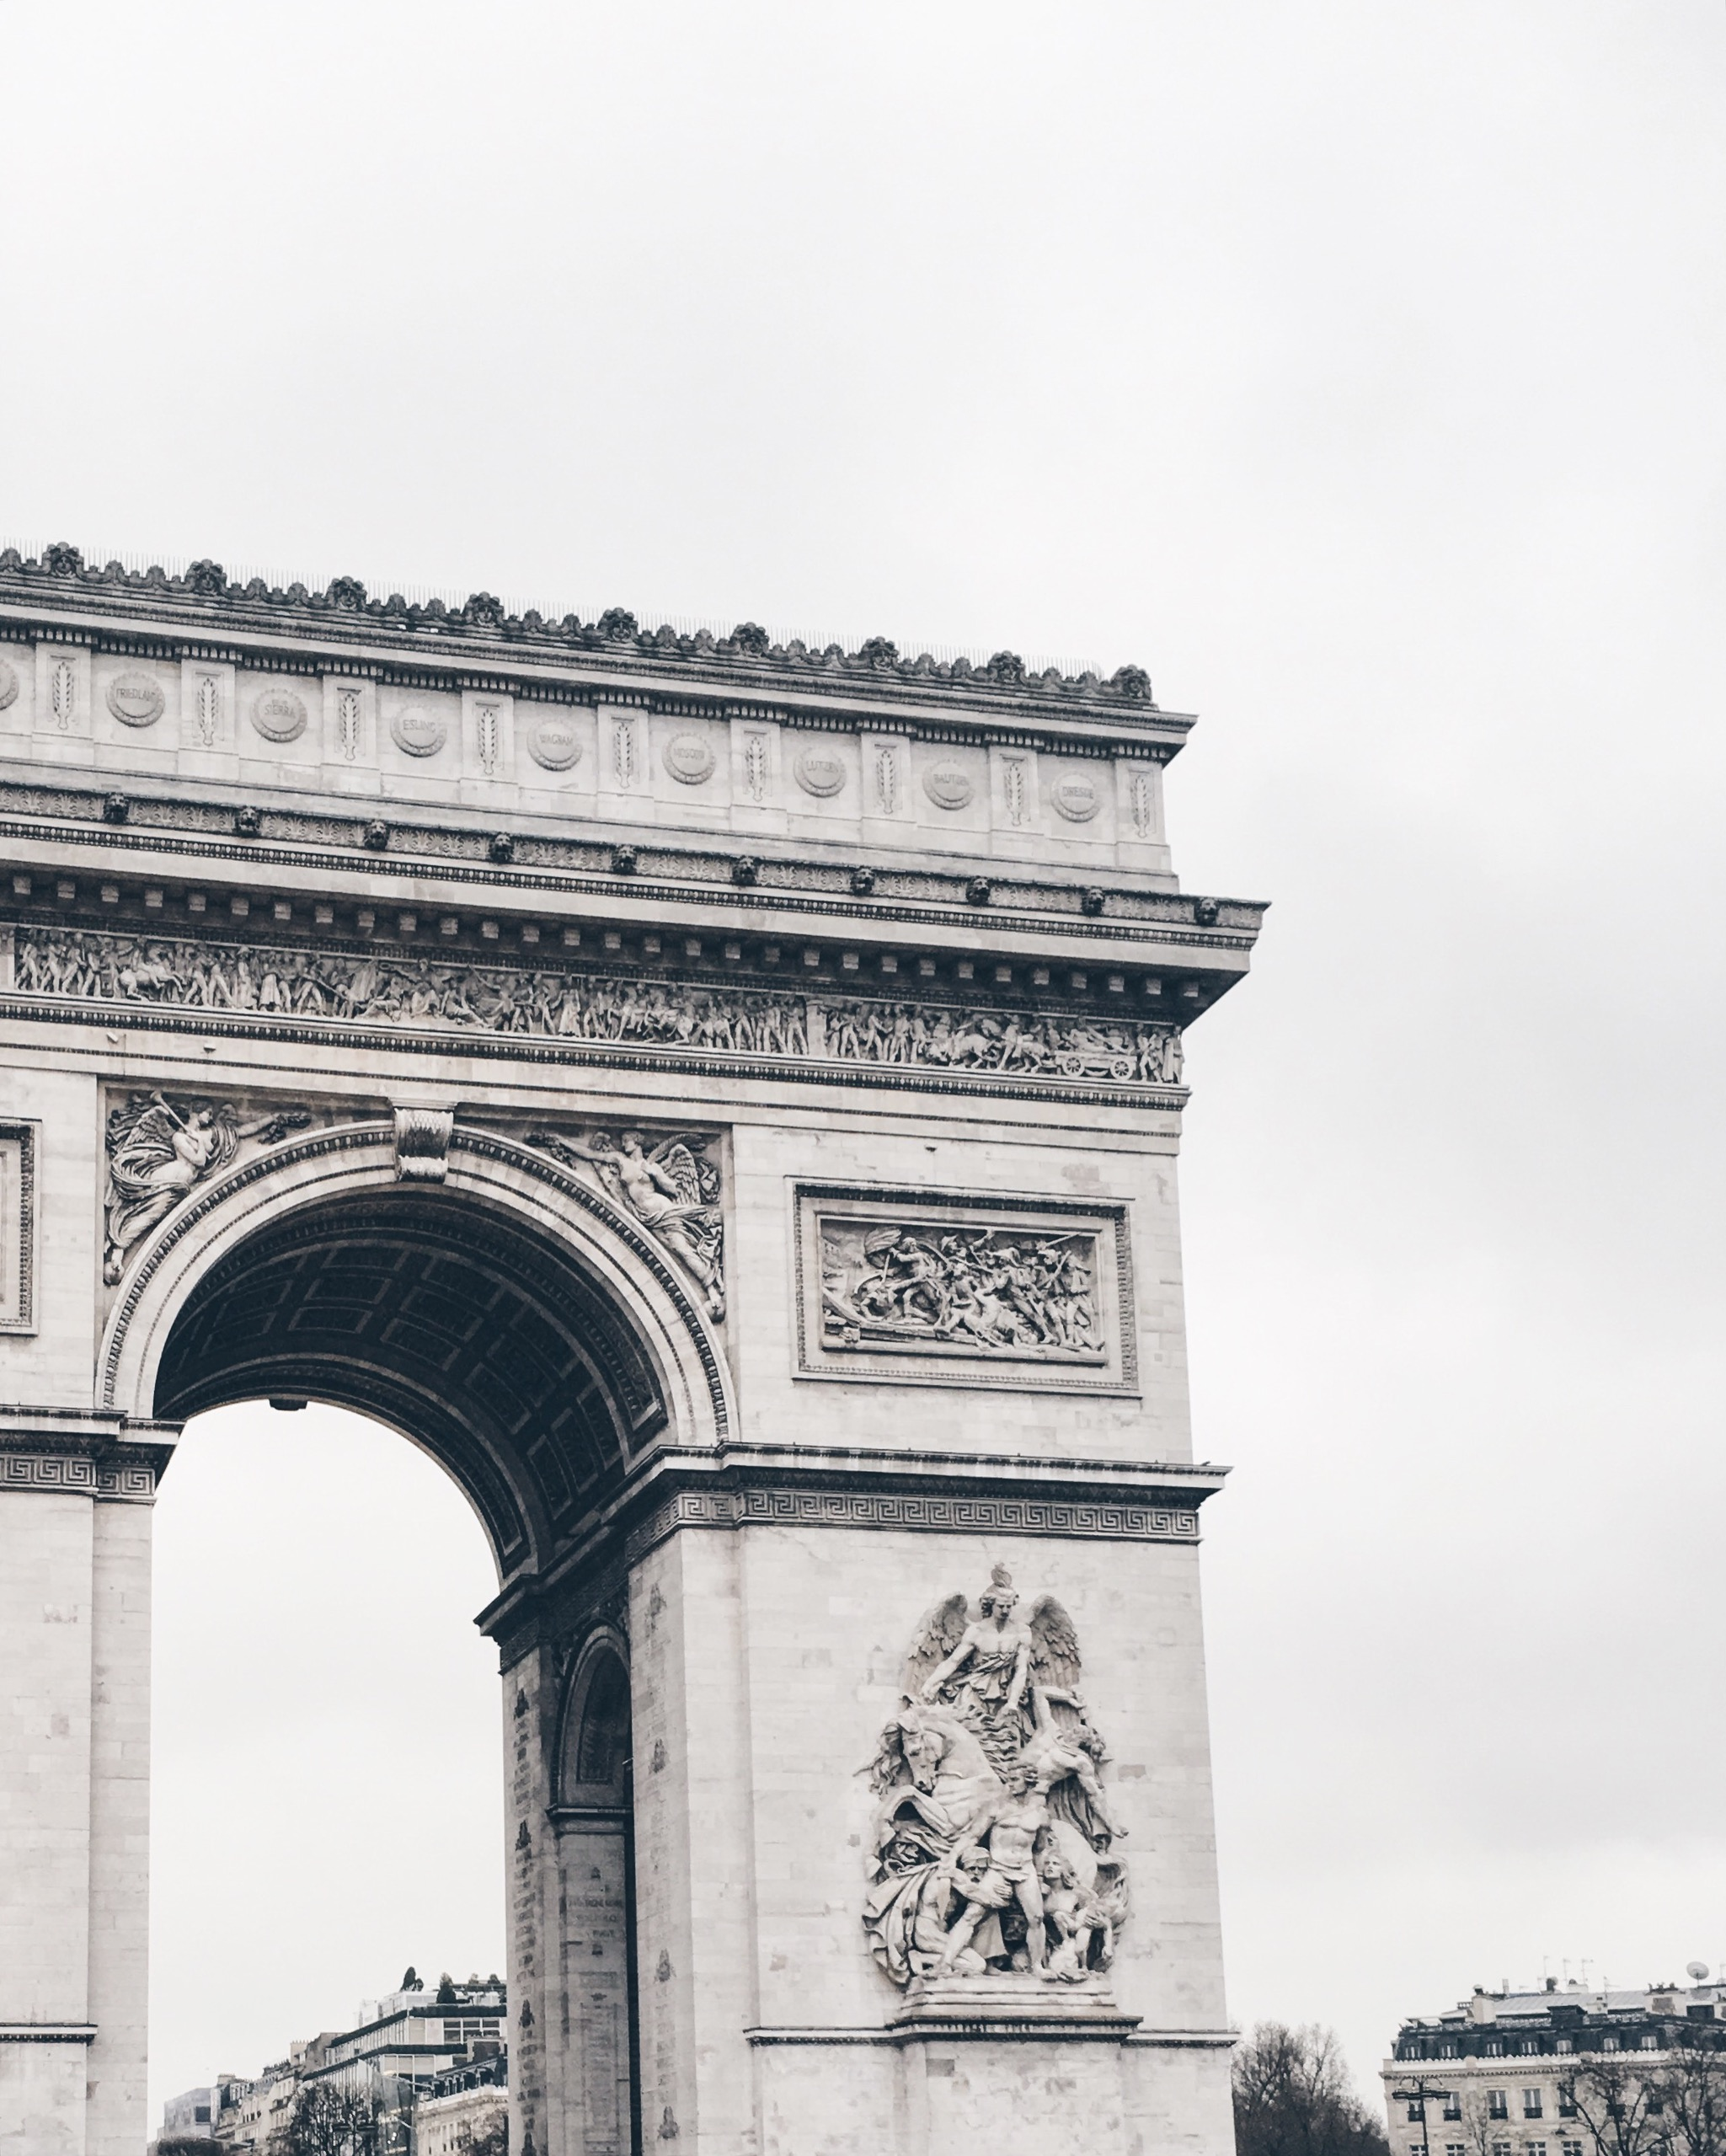 Arc de Triomphe - by Ashley Whitlatch